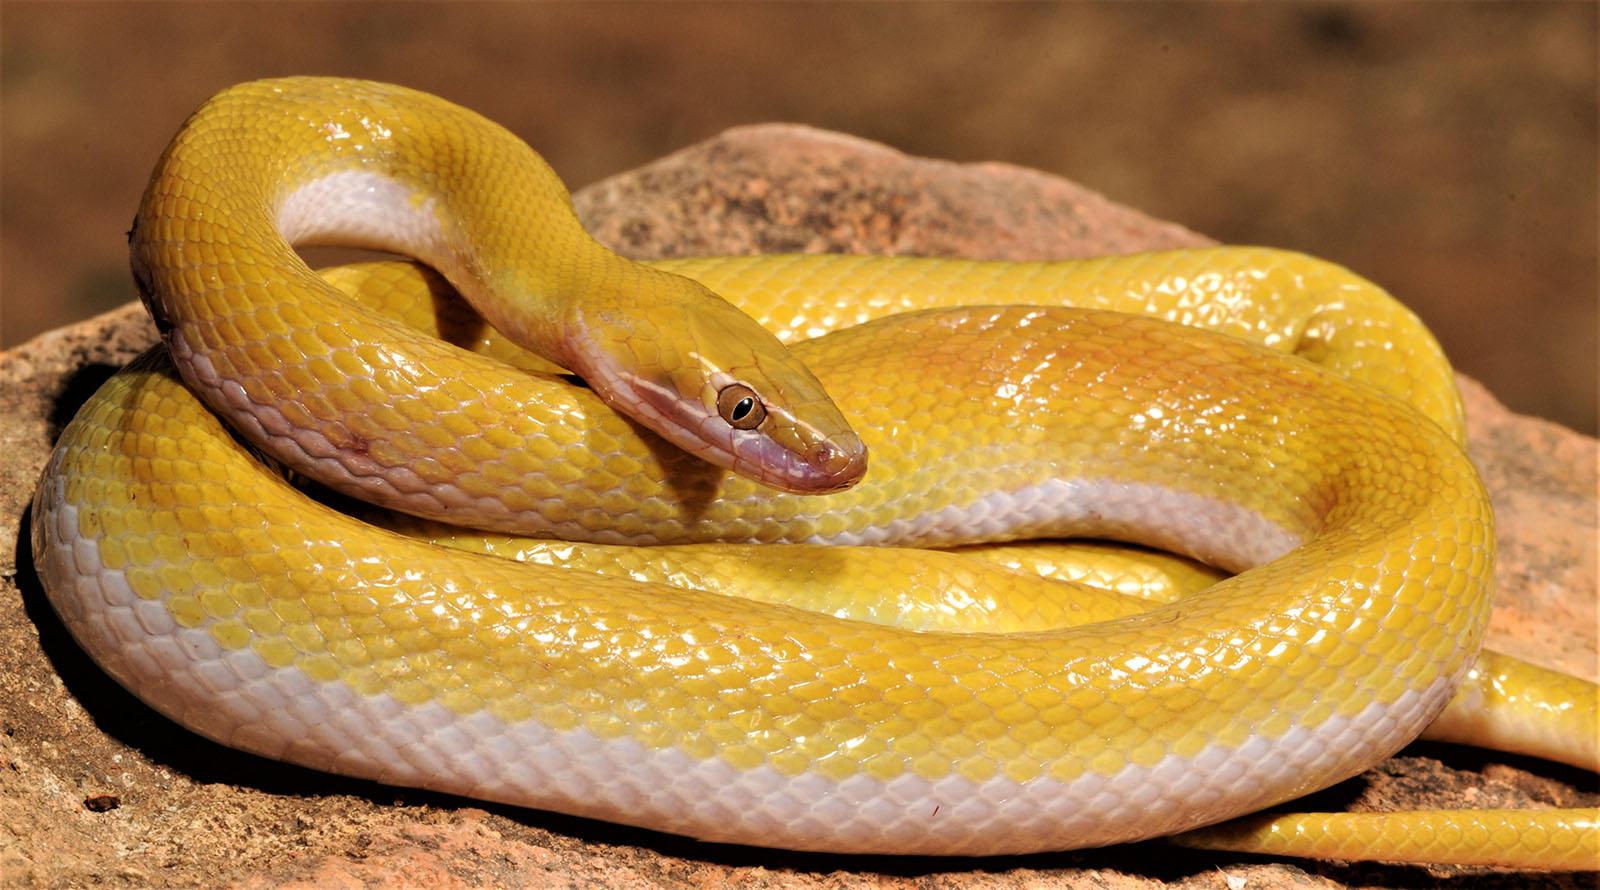 Investigadores da U.Porto descobrem novas espécies de serpentes em Angola